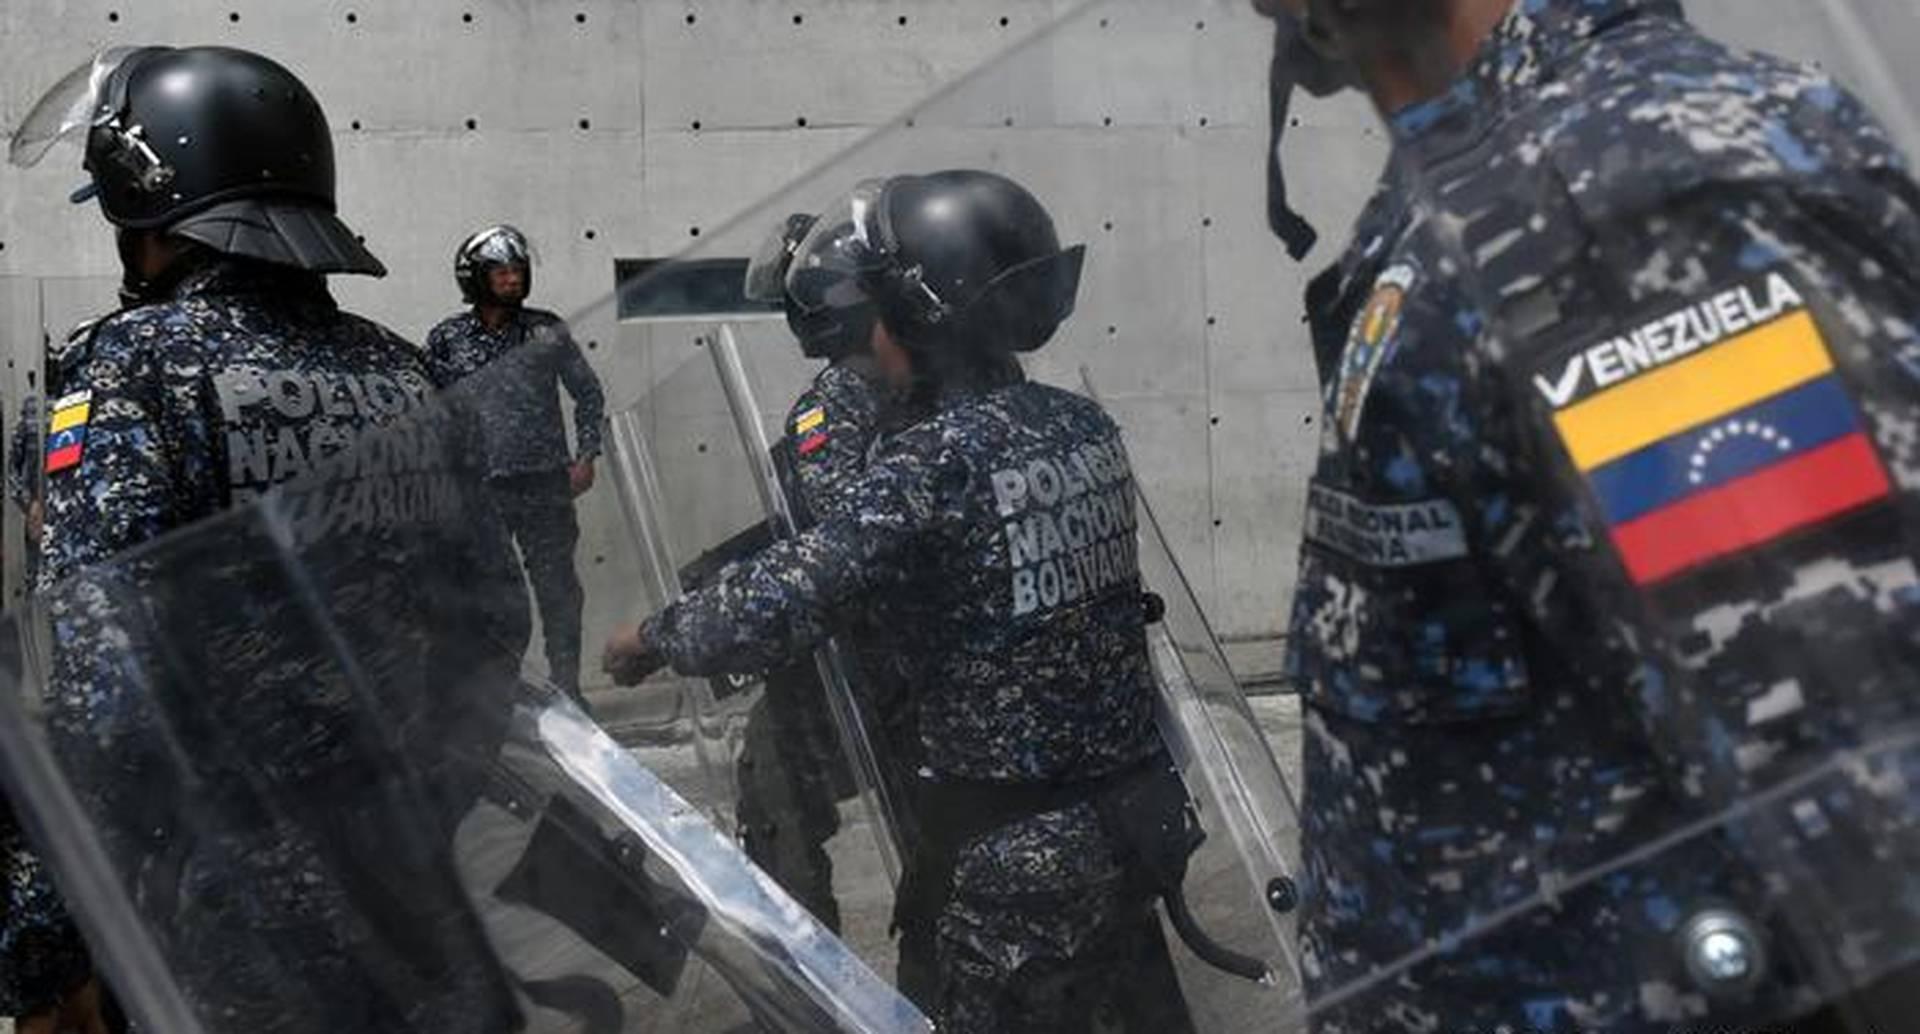 Fuerzas armadas Venezuela DW - NO USAR